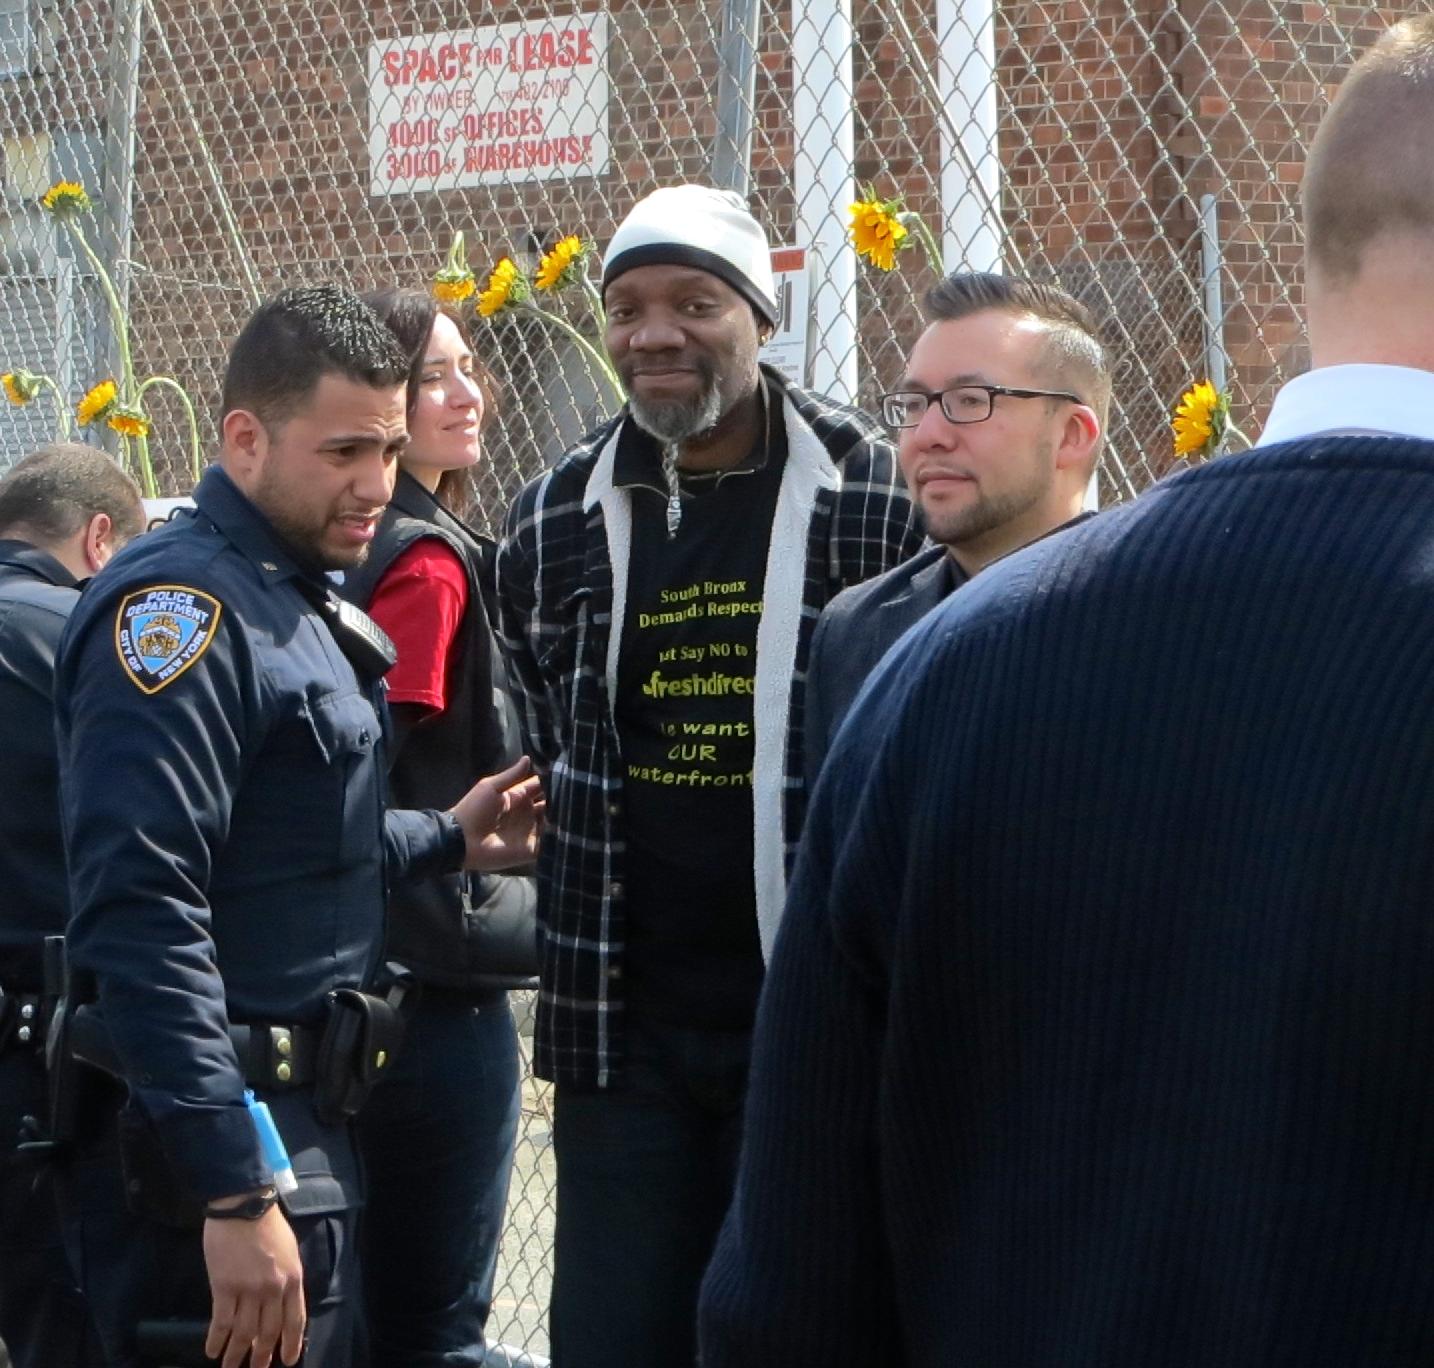 Nine protestors arrested at Harlem River Yard